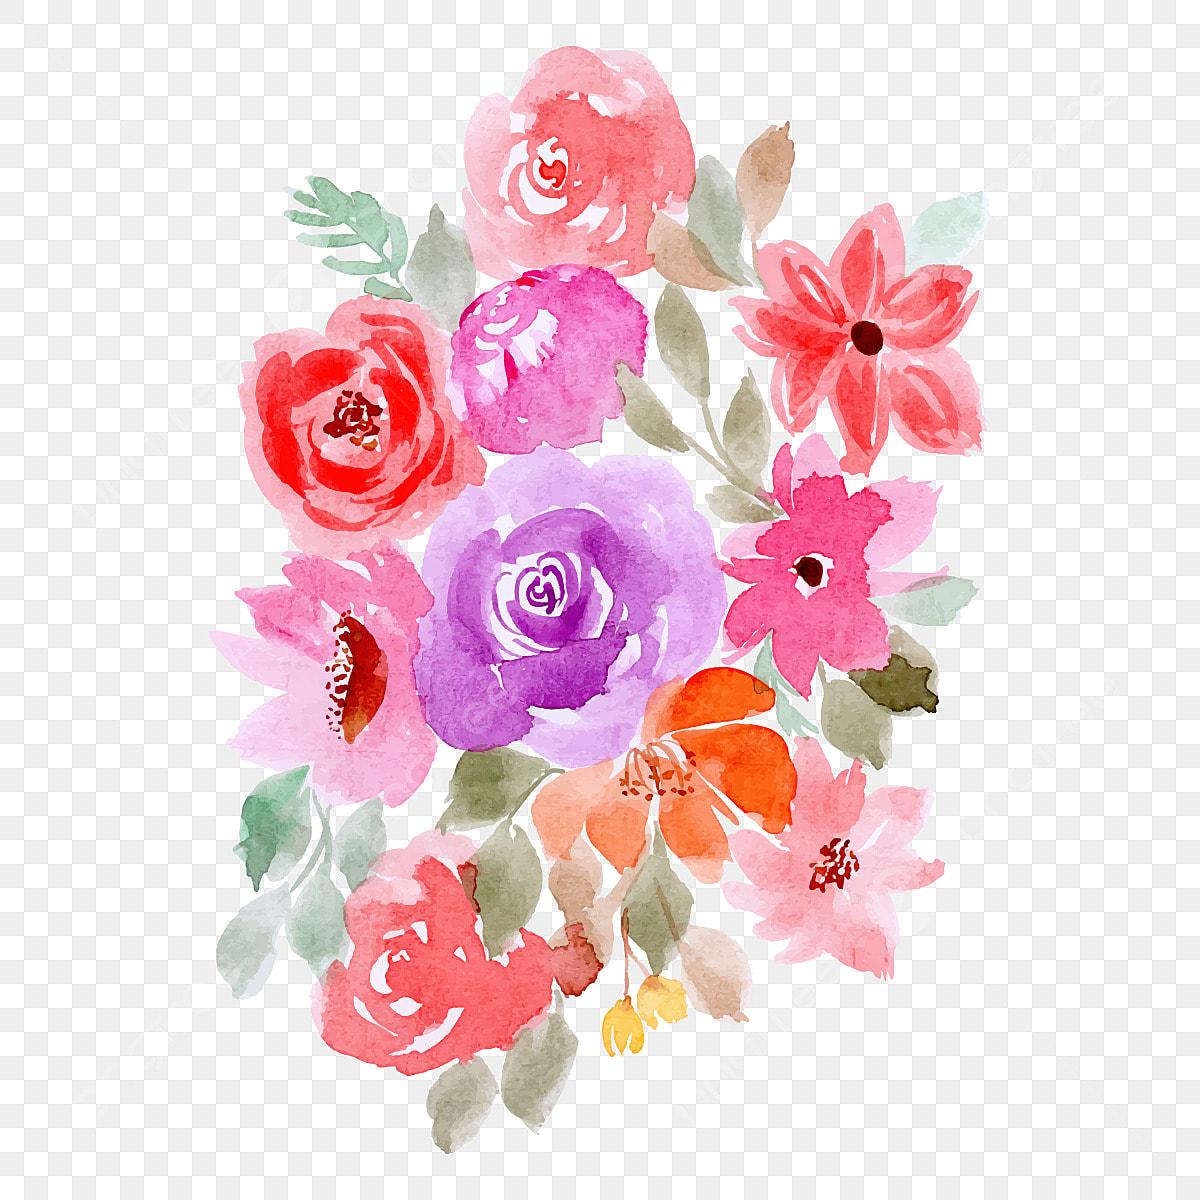 Arreglo Floral Fondo De Acuarelas Flor Acuarela Png Y